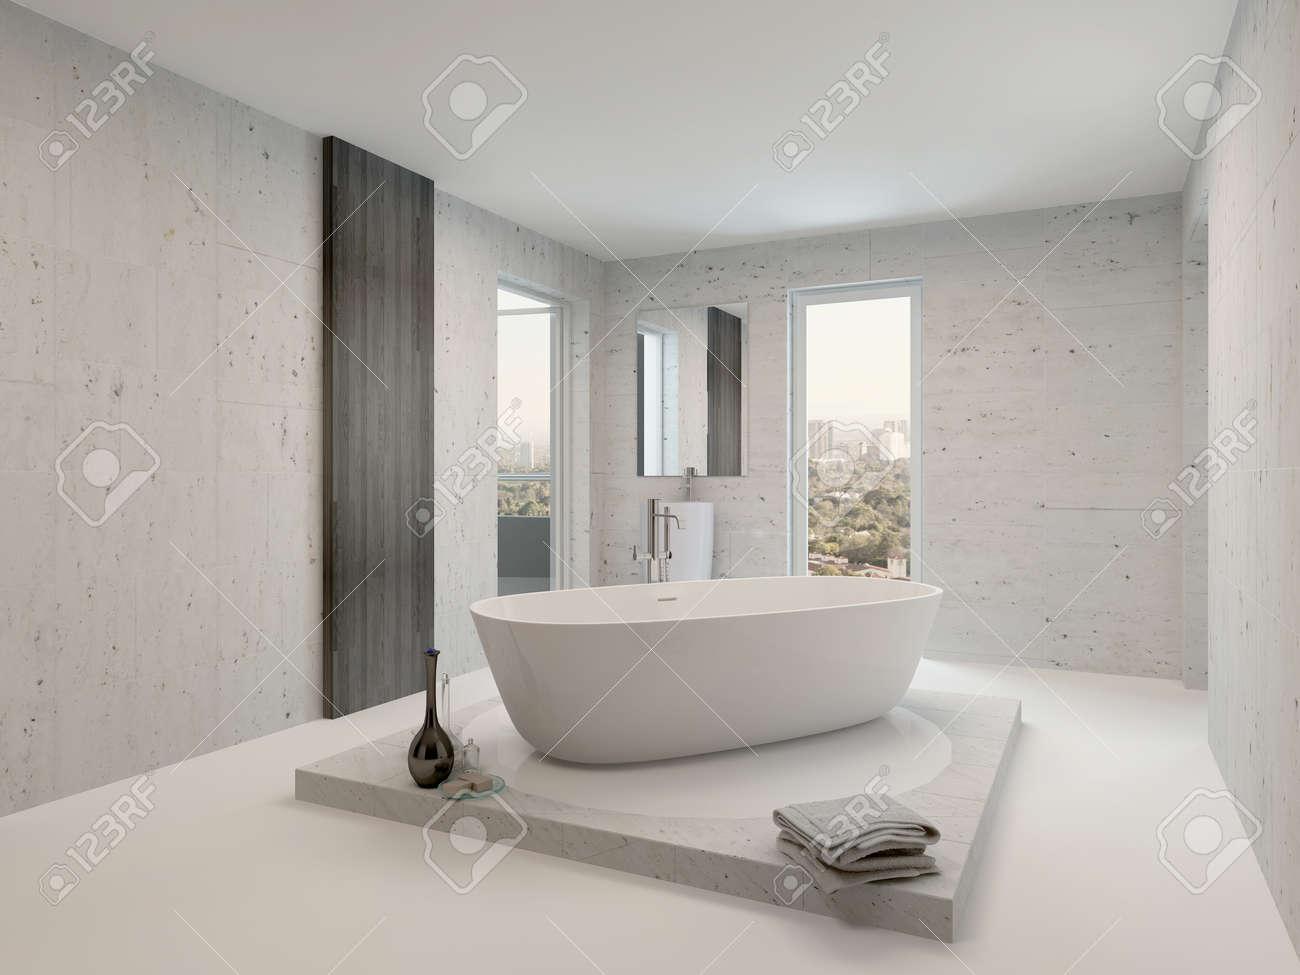 Minimalistischen Badezimmer Interieur Mit Freistehender Badewanne Weiß  Standard Bild   28772308